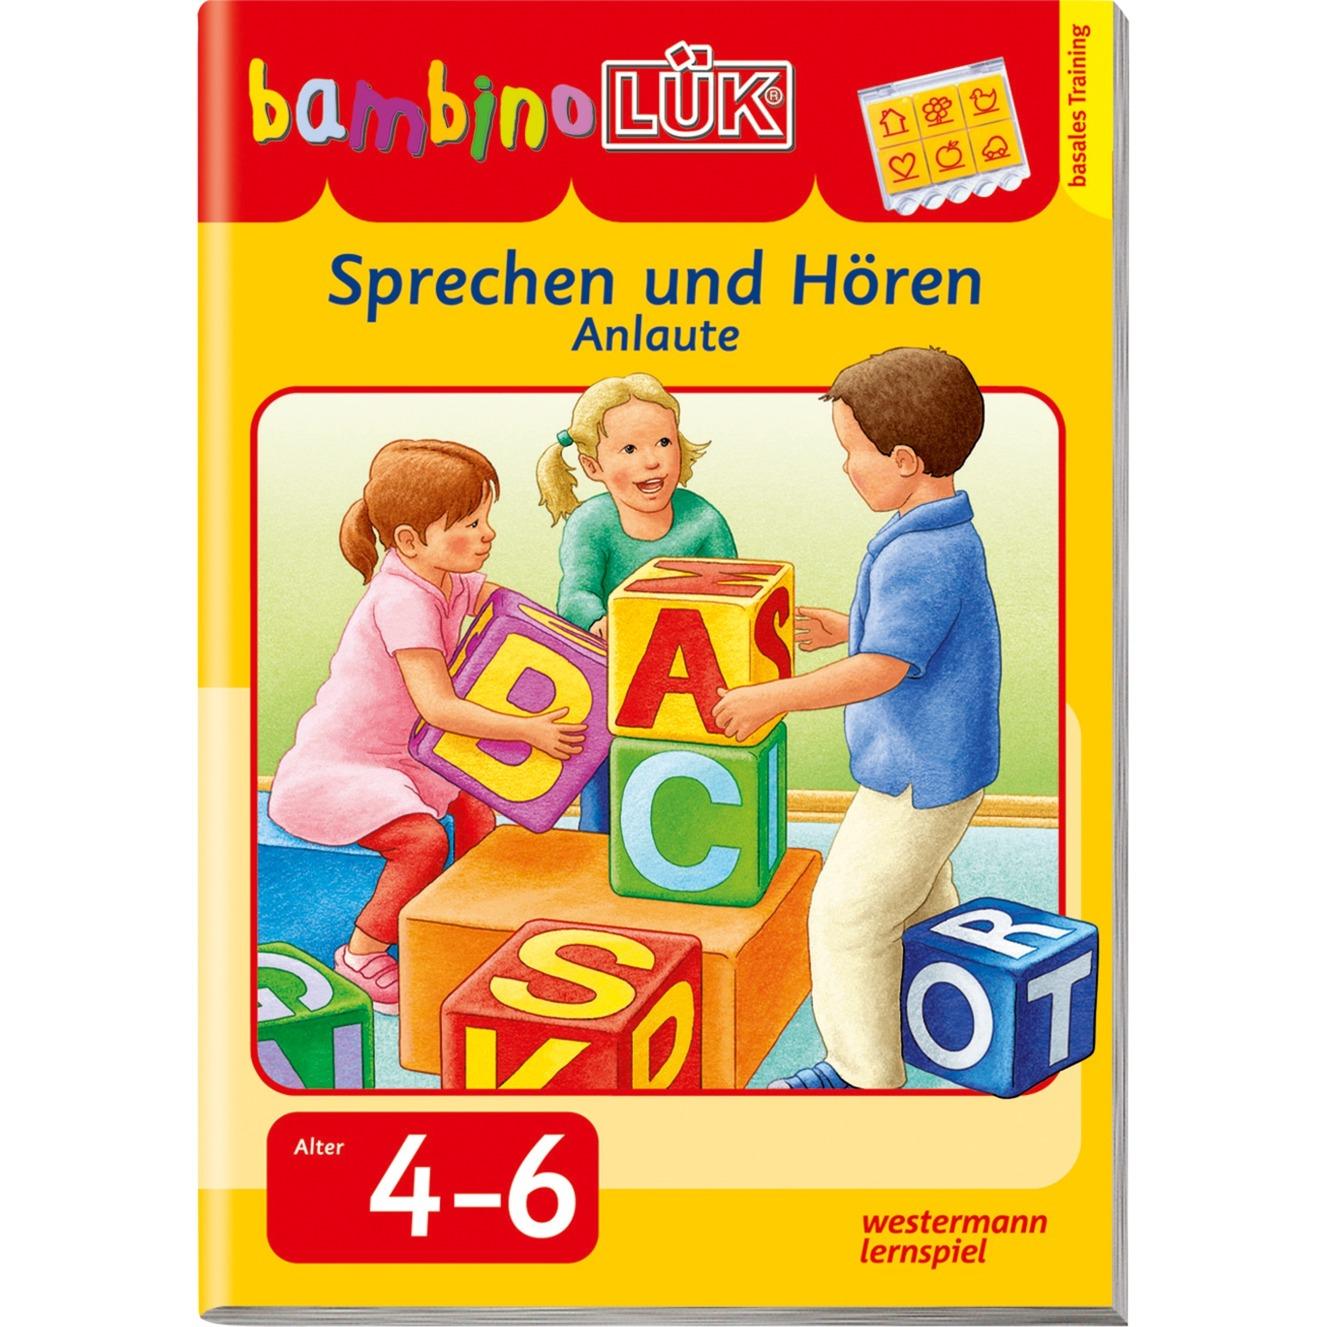 bambinoLÜK Sprechen und HörenSprechen und Hören - Anlaute livre pour enfants, Manuel